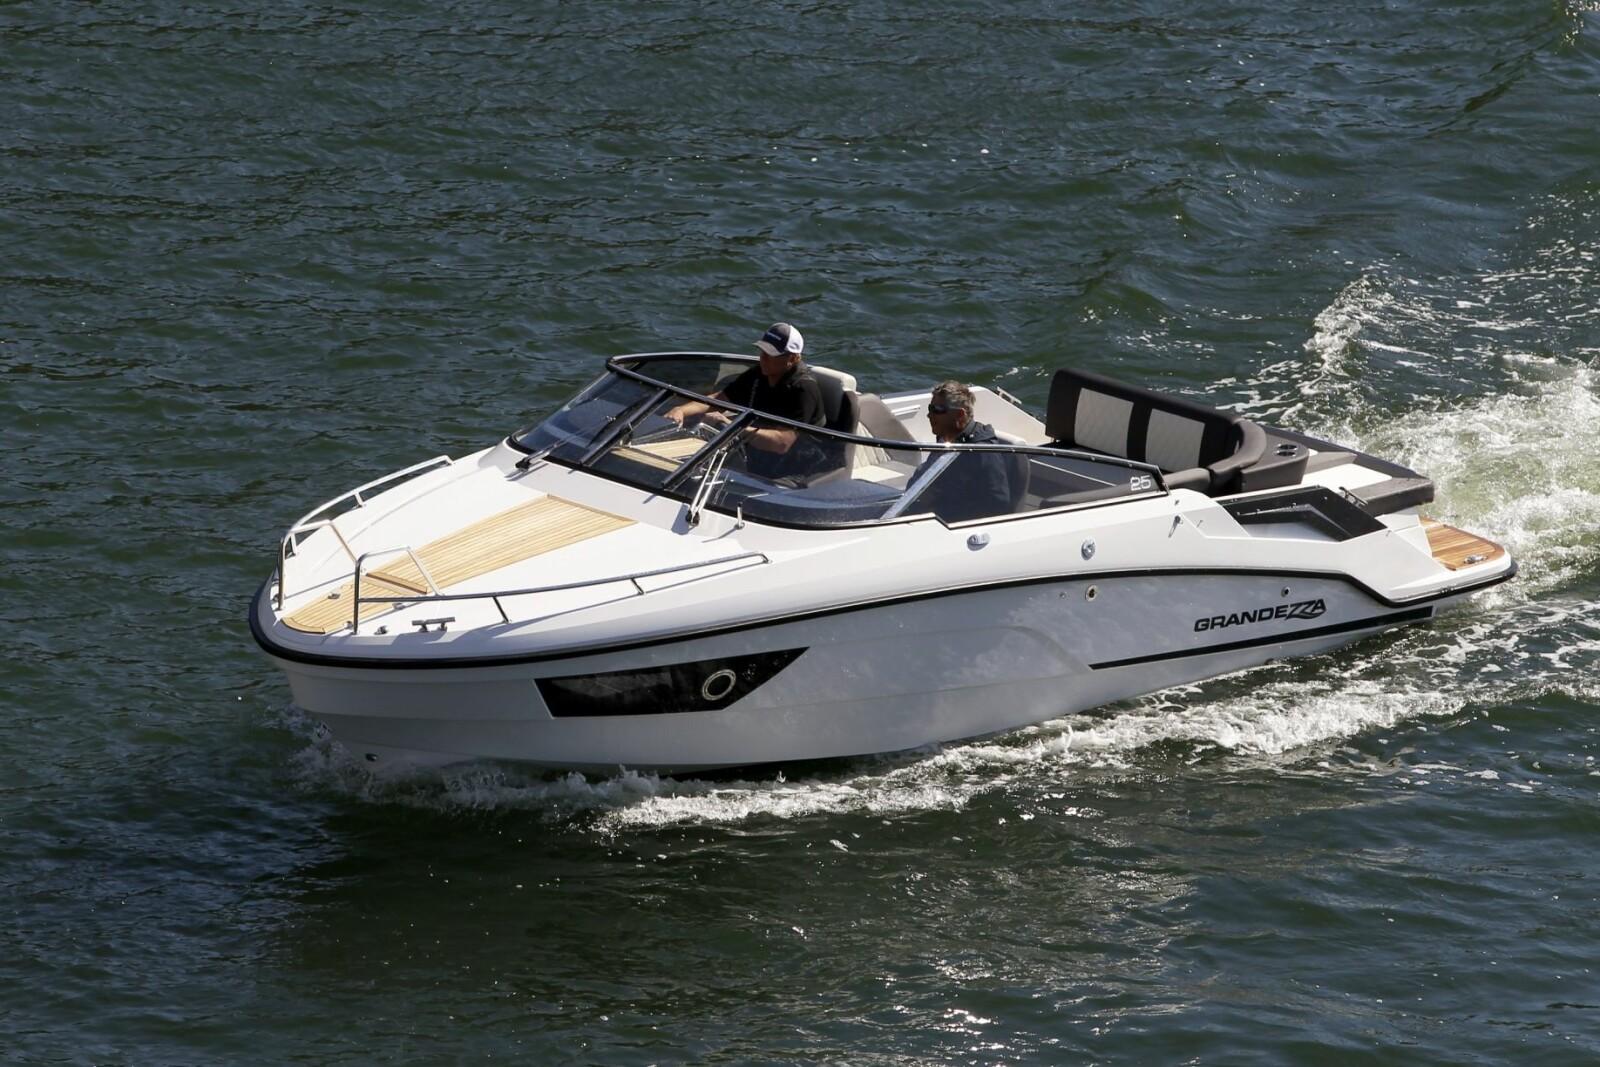 <b>TRIVELIG:</b> Med plass til opptil ni personer er dette en flott båt for lange dagsturer.